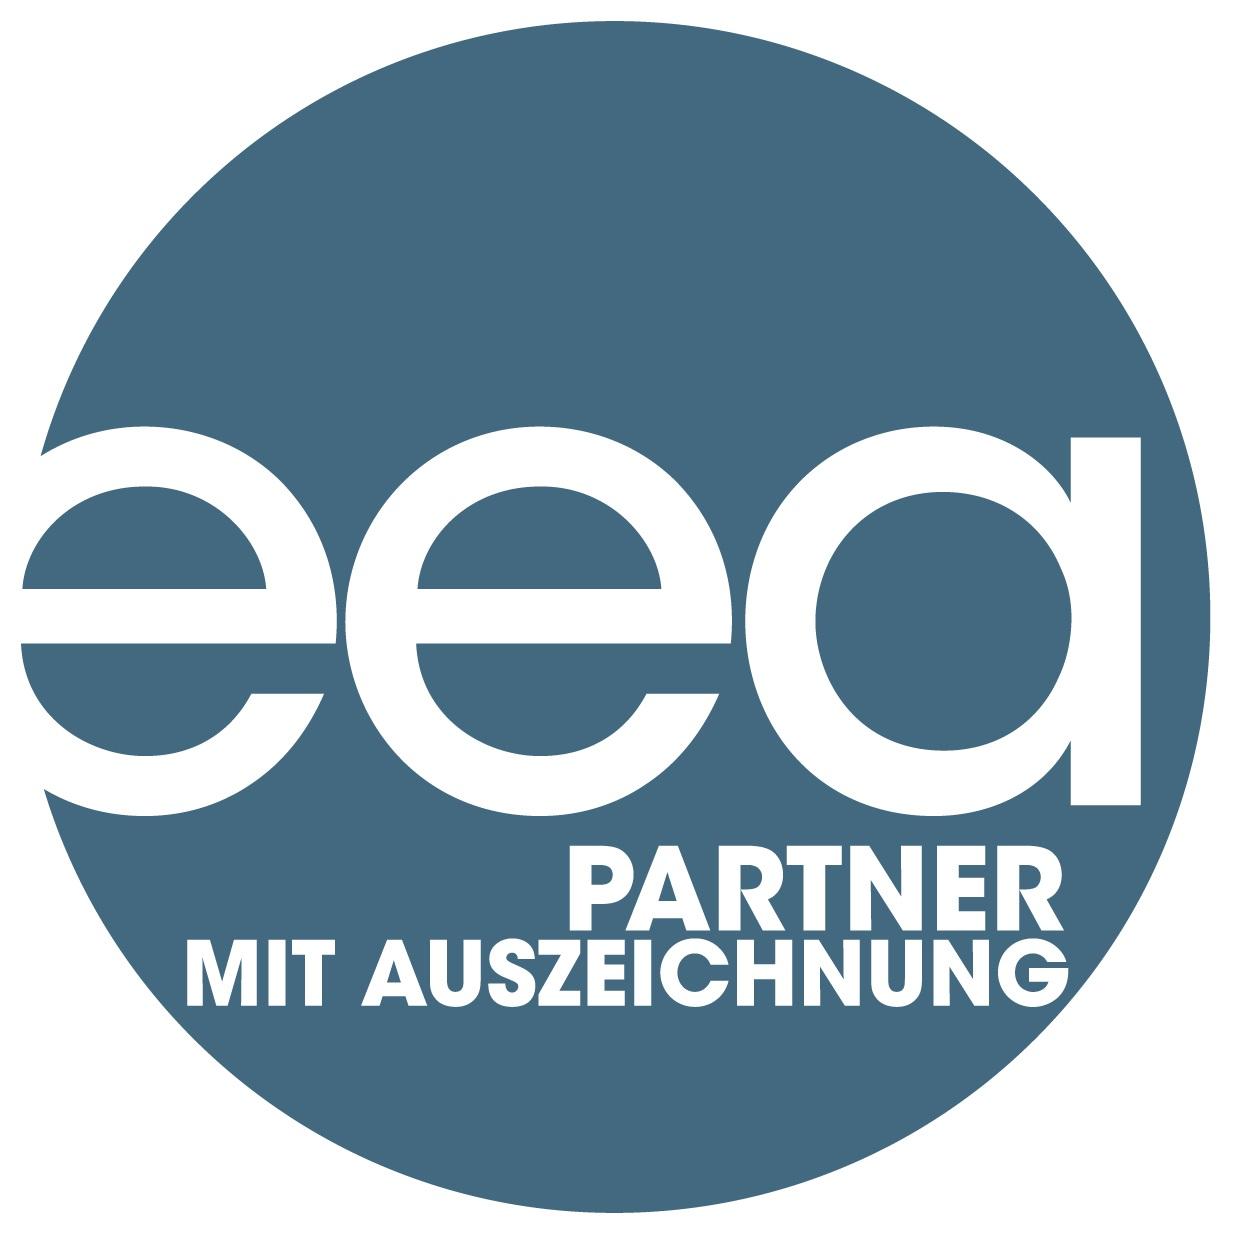 eea Logo Partner mit Auszeichnung